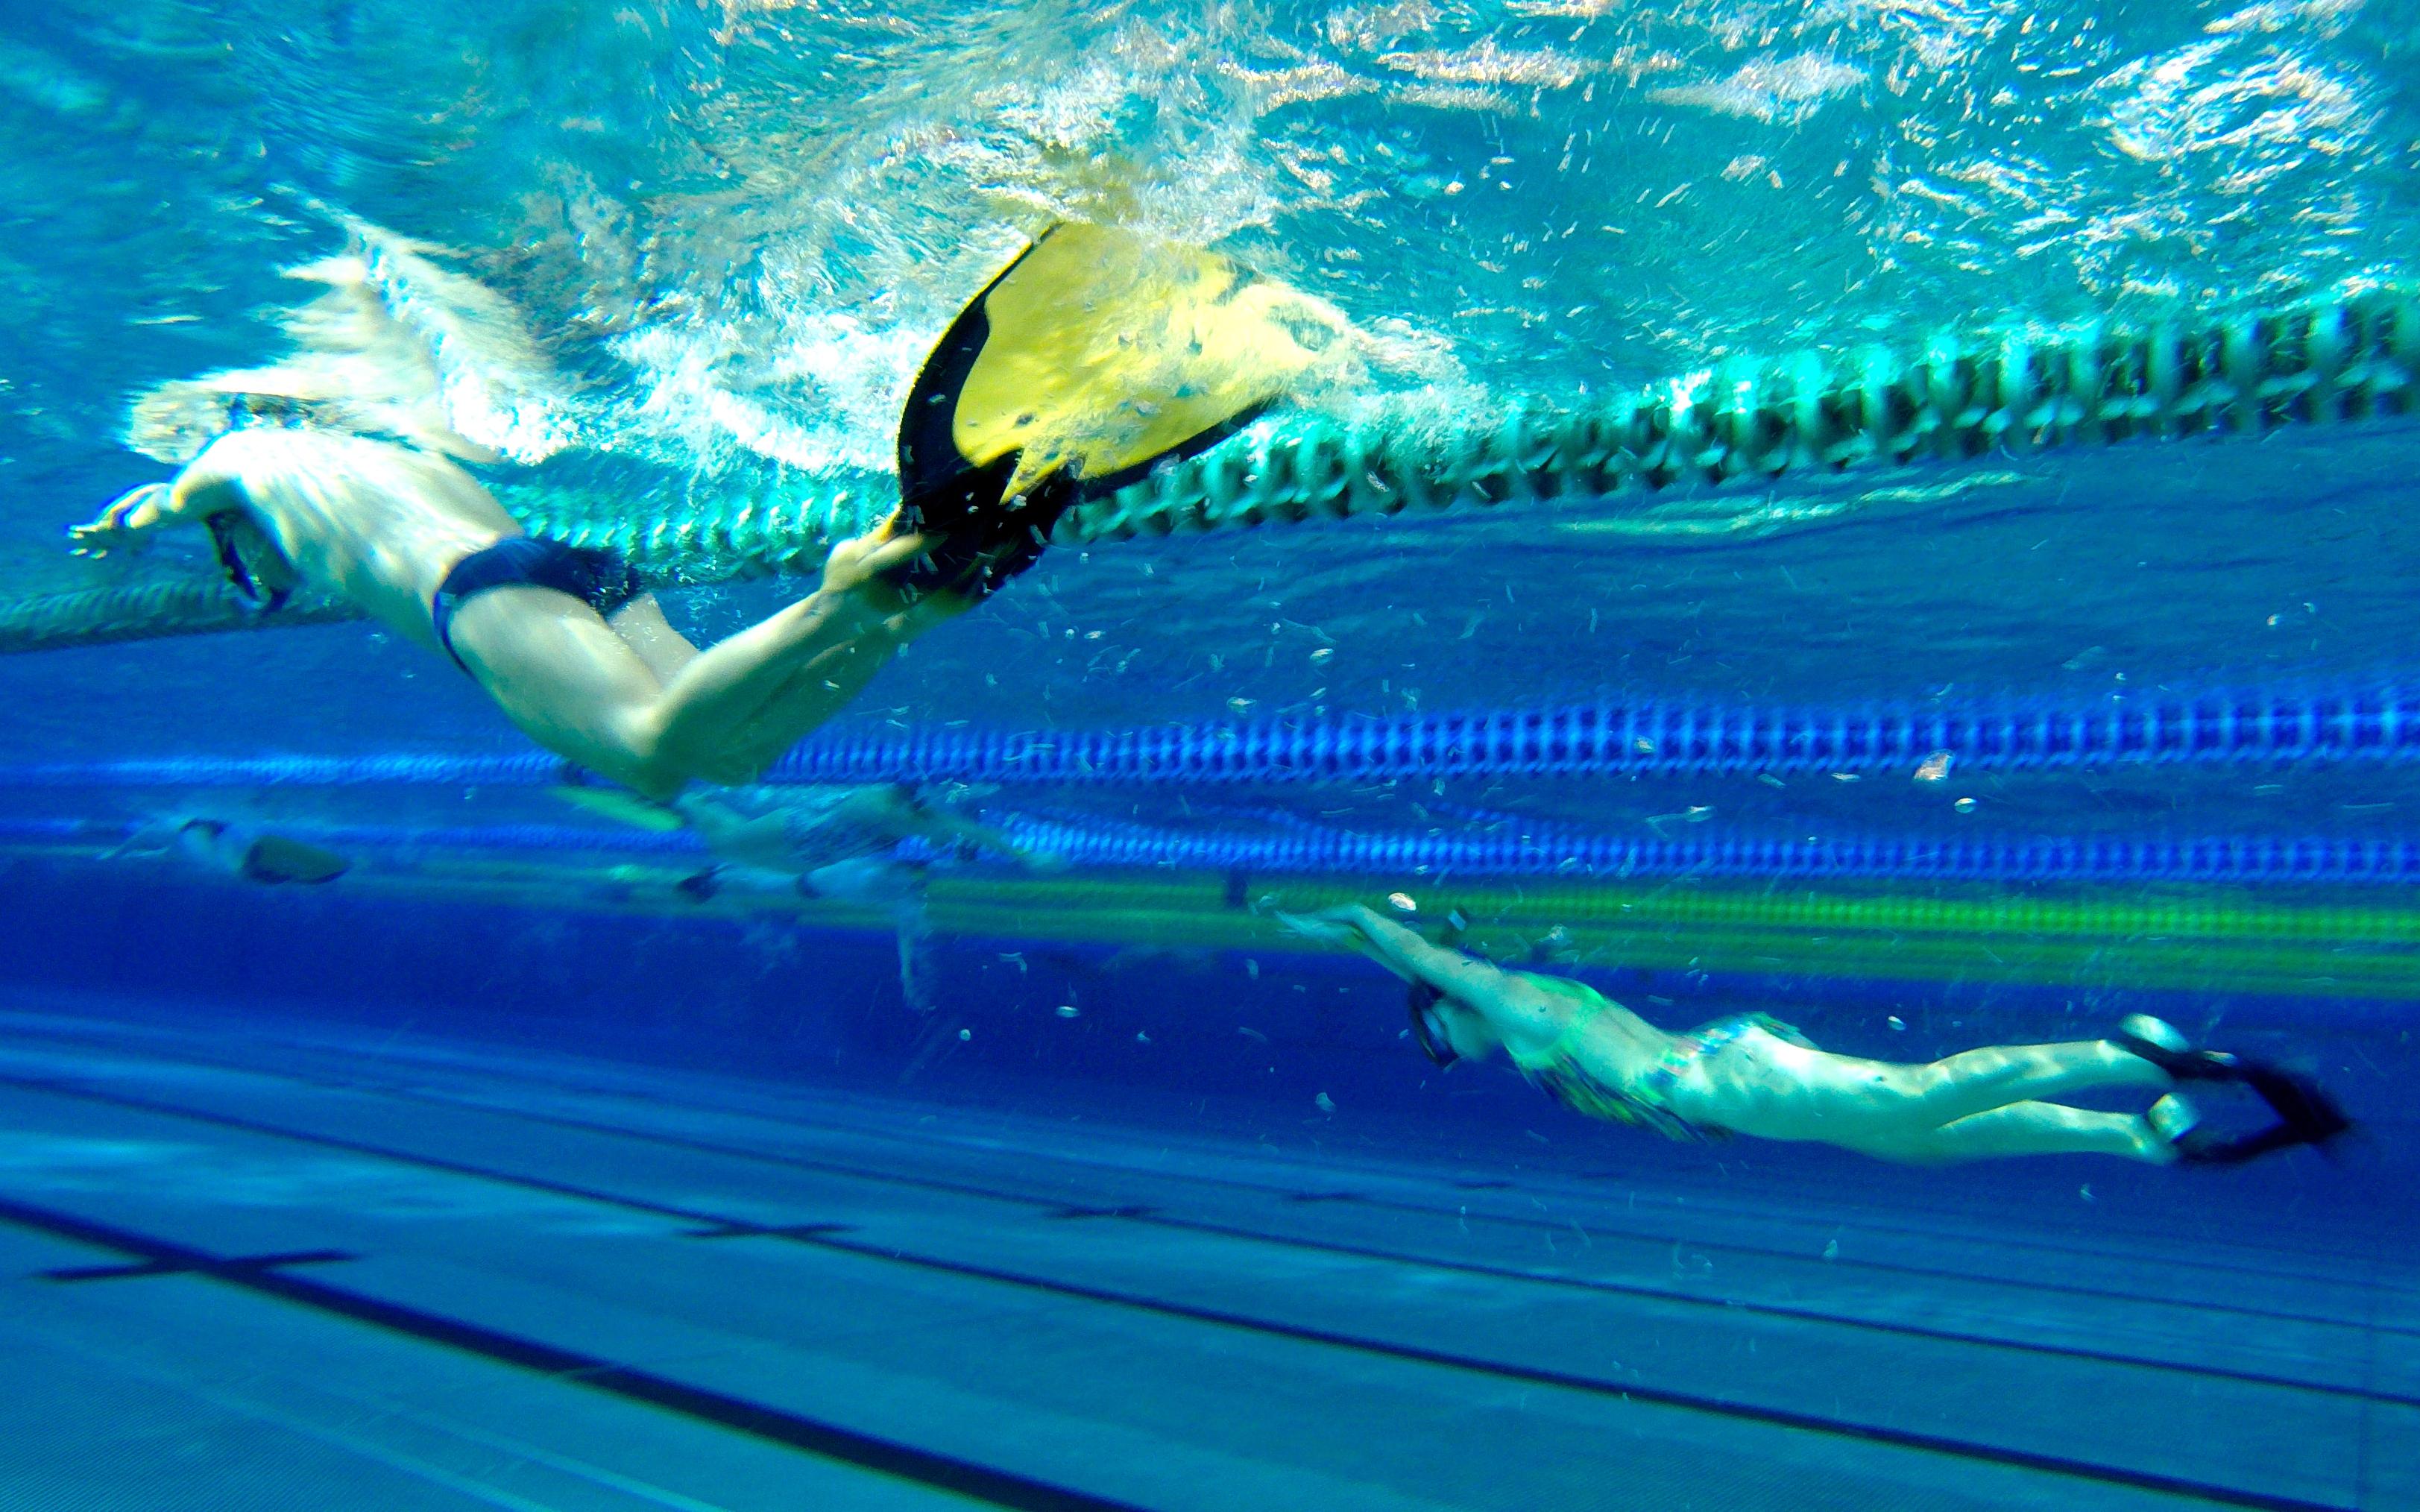 хорошо картинки с плавания в ластах что действие всех